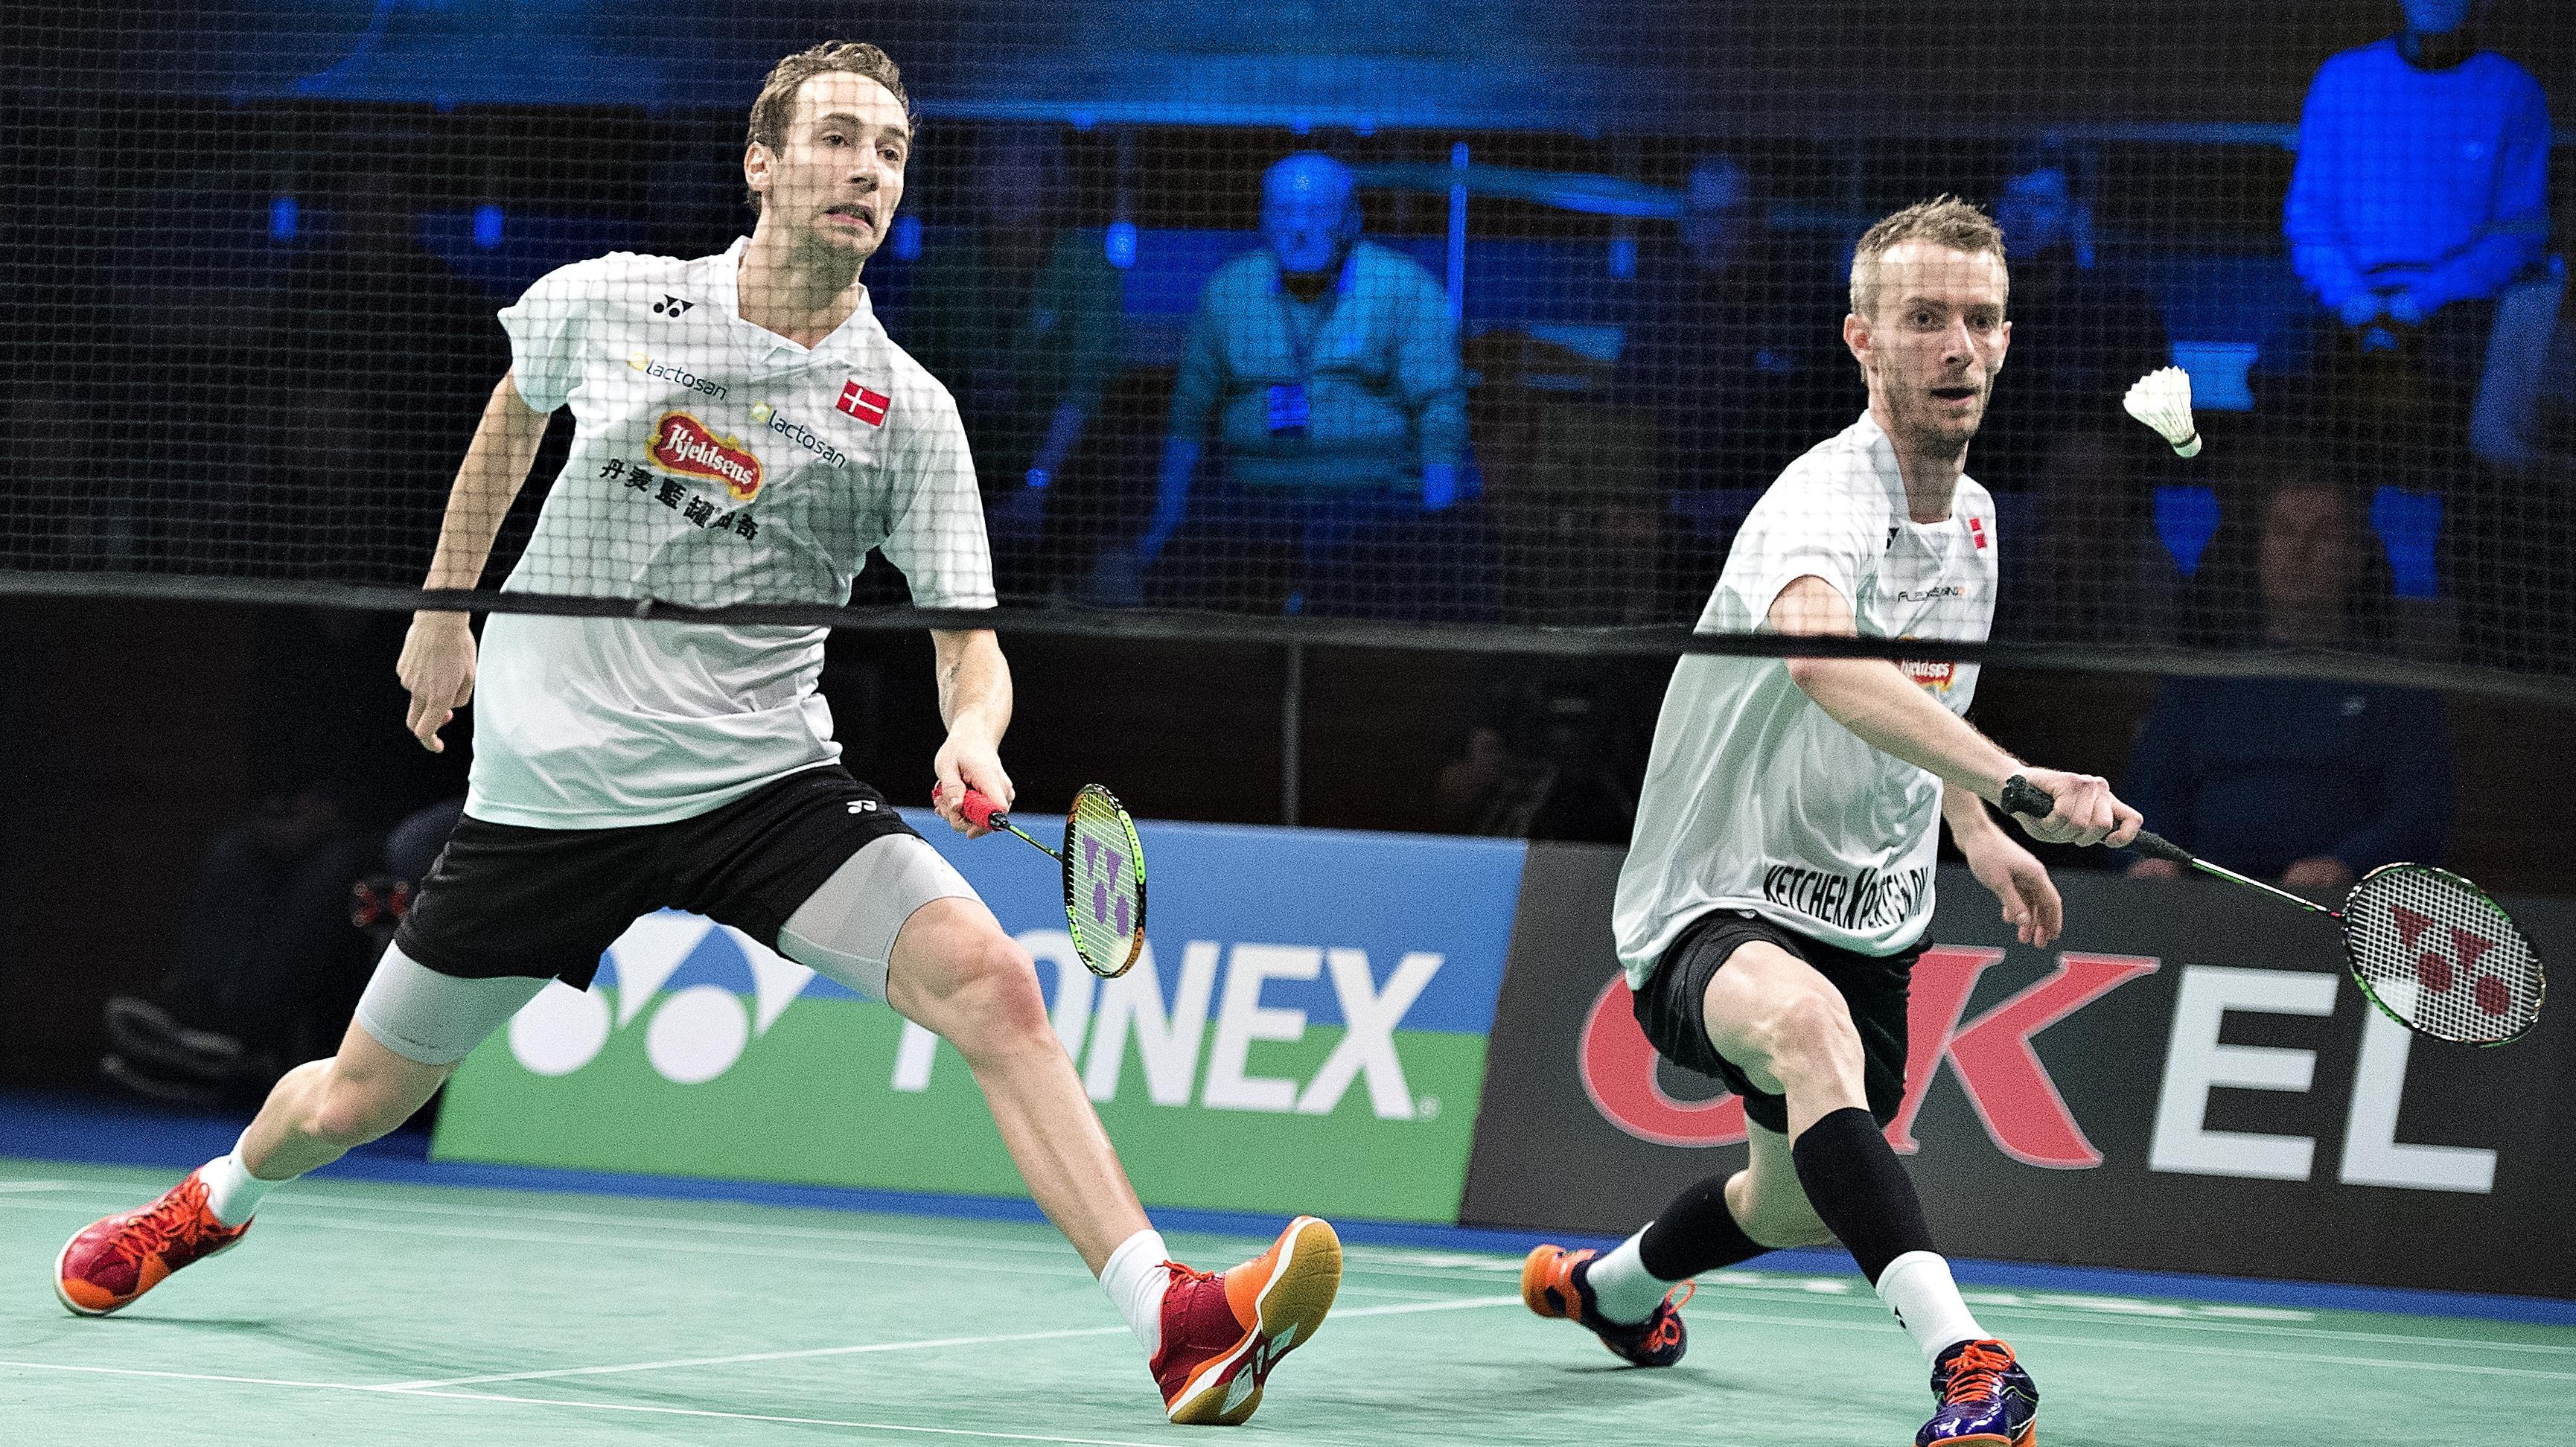 L¦ge Der venter Mogensen en lang og sej kamp Badminton